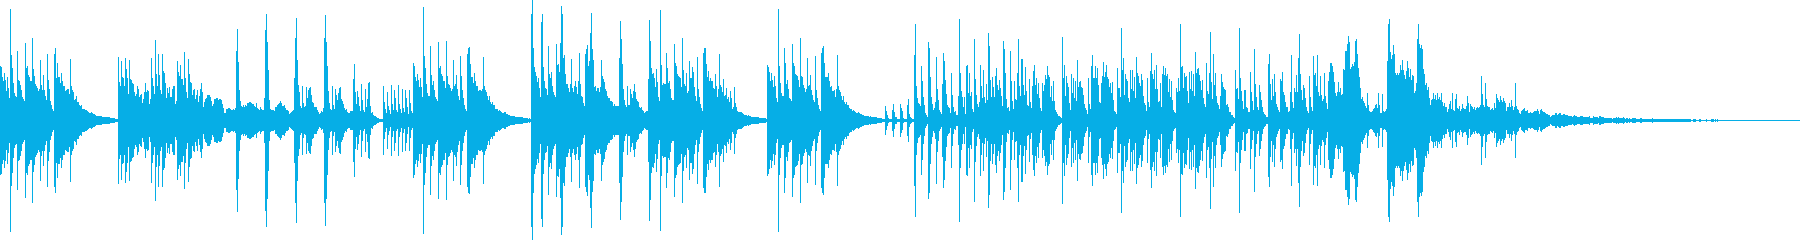 夜空で星が遊ぶようなユニークなインストの再生済みの波形